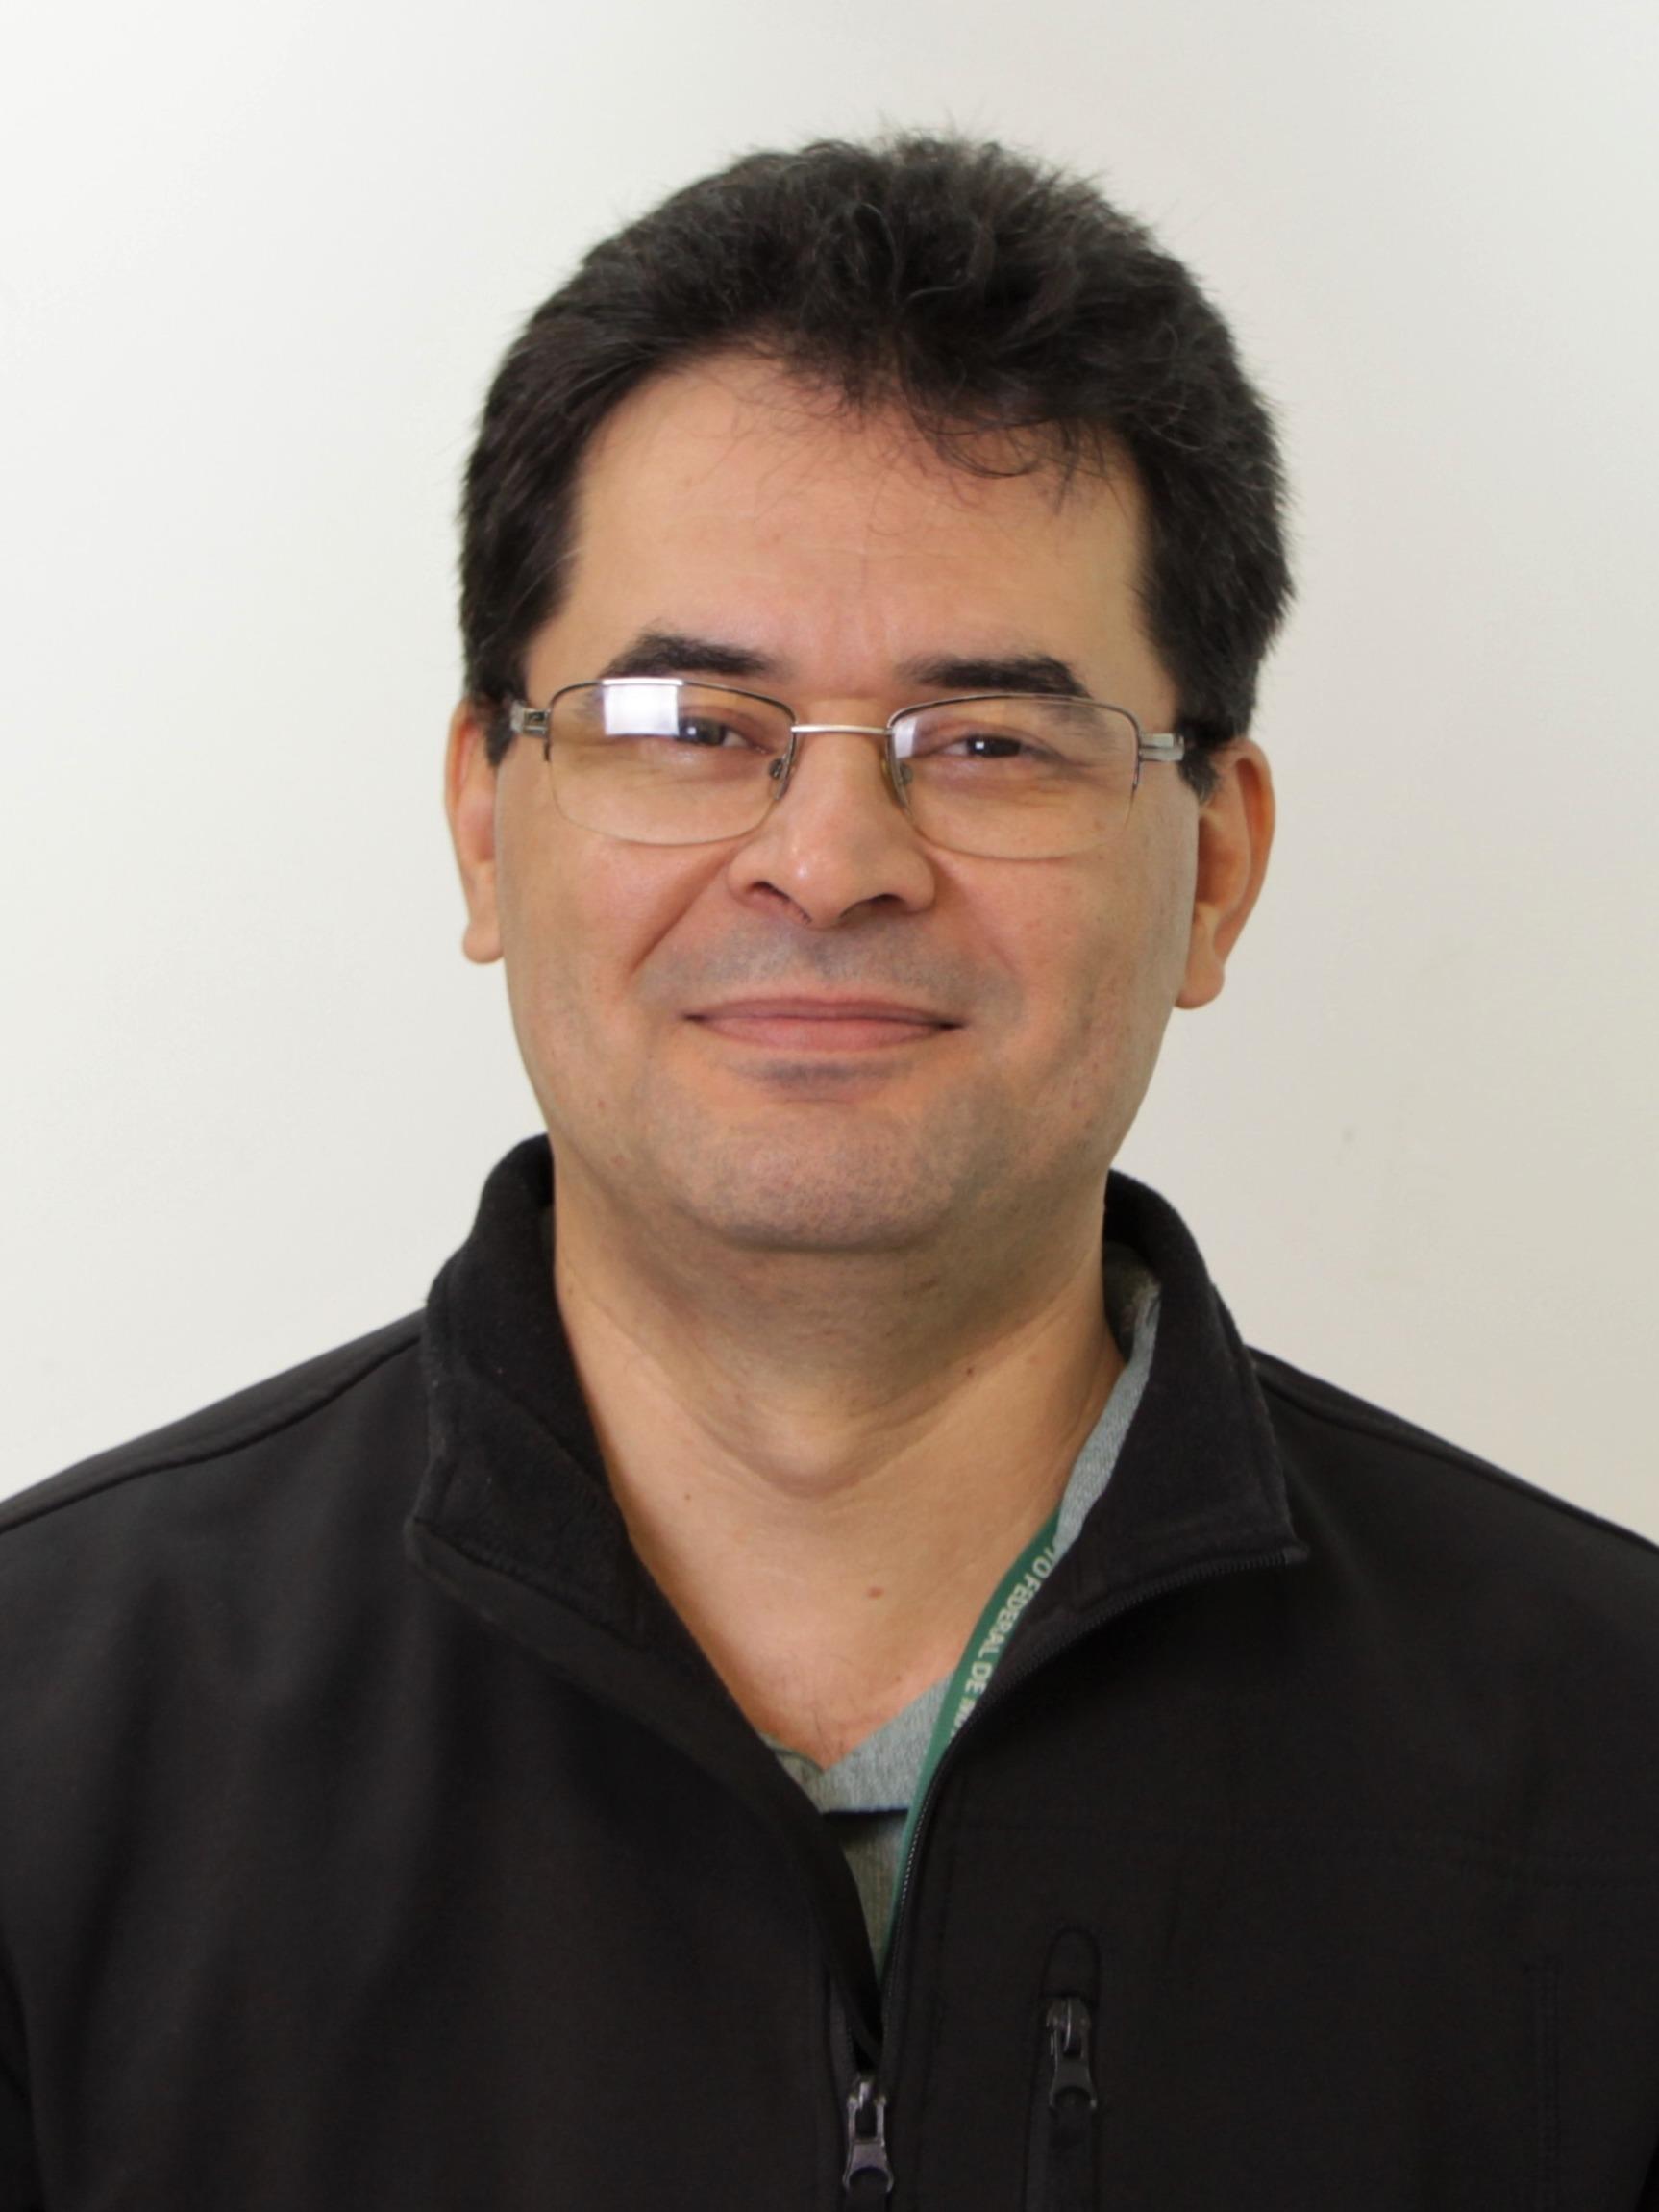 Marcos P. Vilhanueva